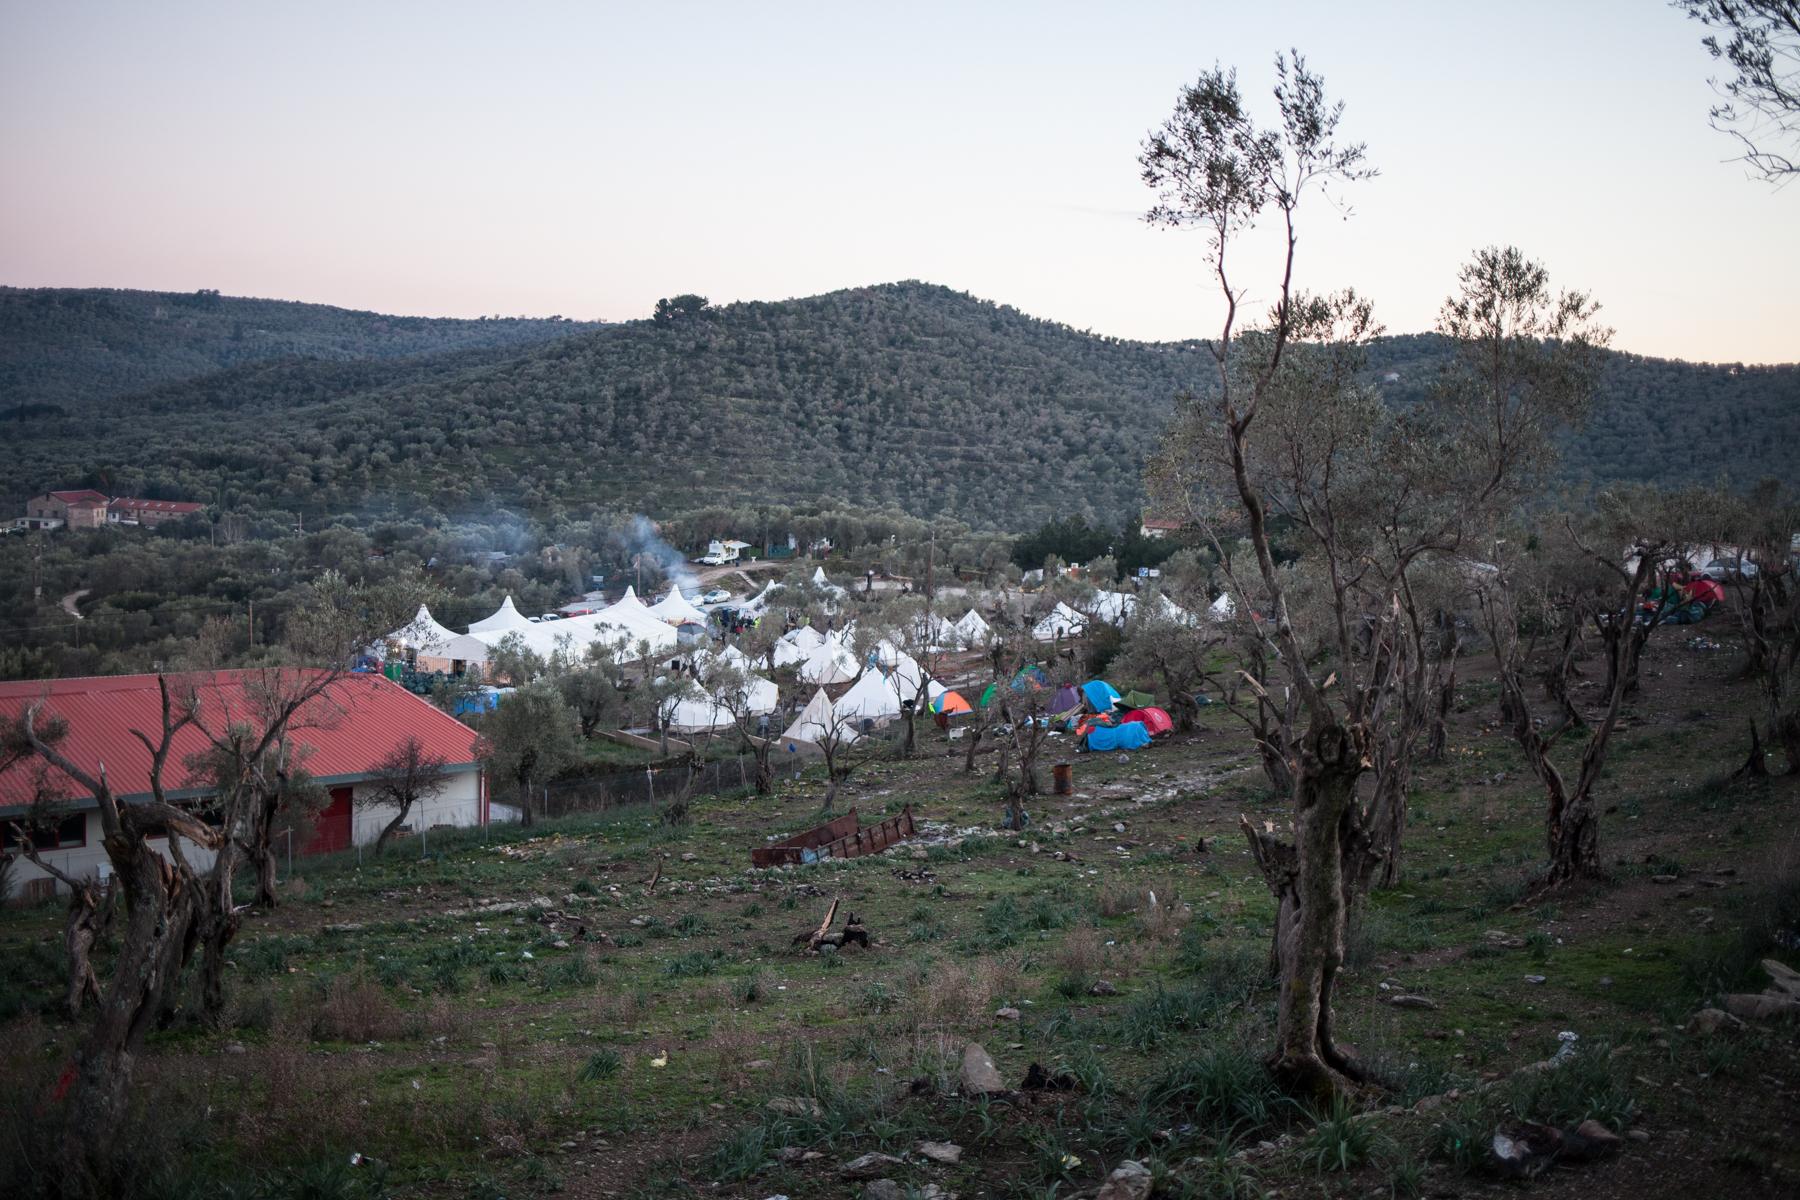 """Das Zeltlager """"Olive Grove"""" unter der Leitung der NGO """"Better Days For Moria"""" liegt gleich neben dem Transitlager Moria. Es gibt auch Geflüchtete die hier bleiben und helfen, da sie keine Aussicht auf Asyl haben."""